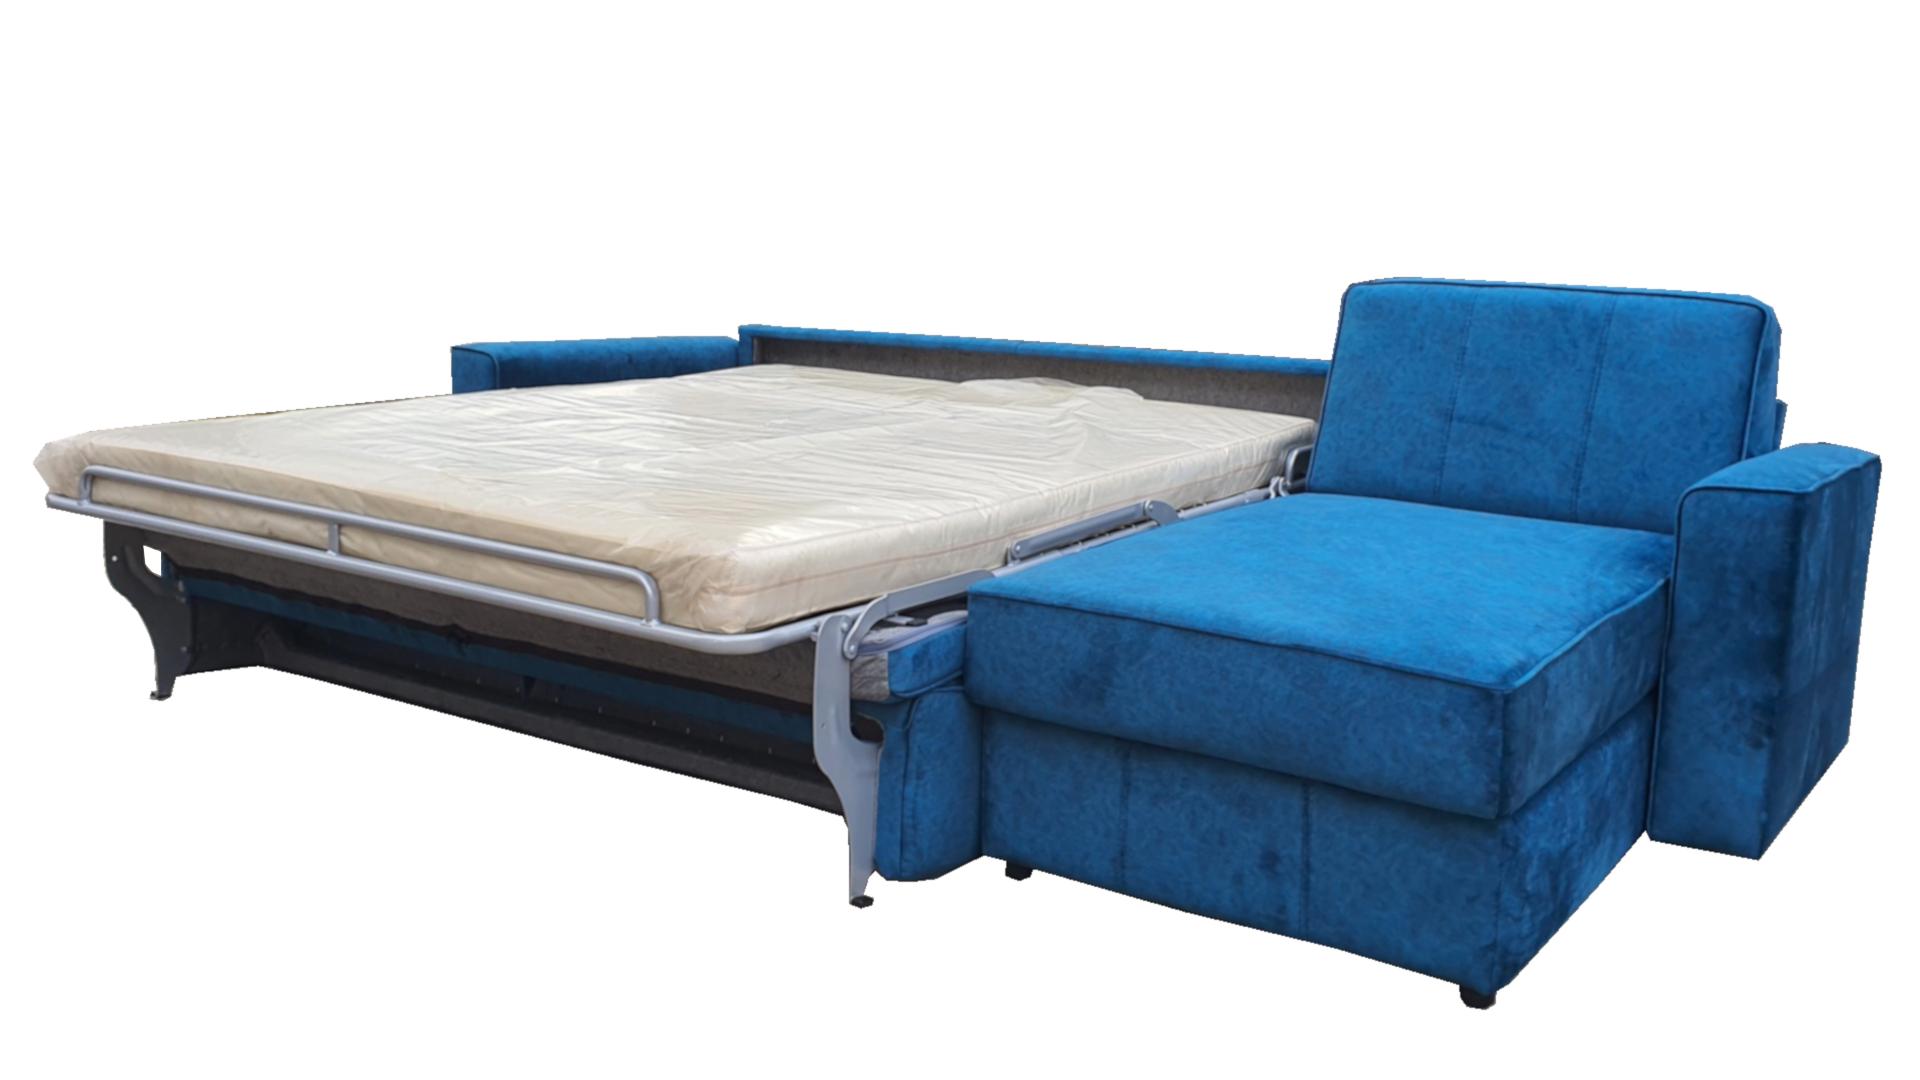 Уголок MAYLO итальянская система BED novabed 160x200